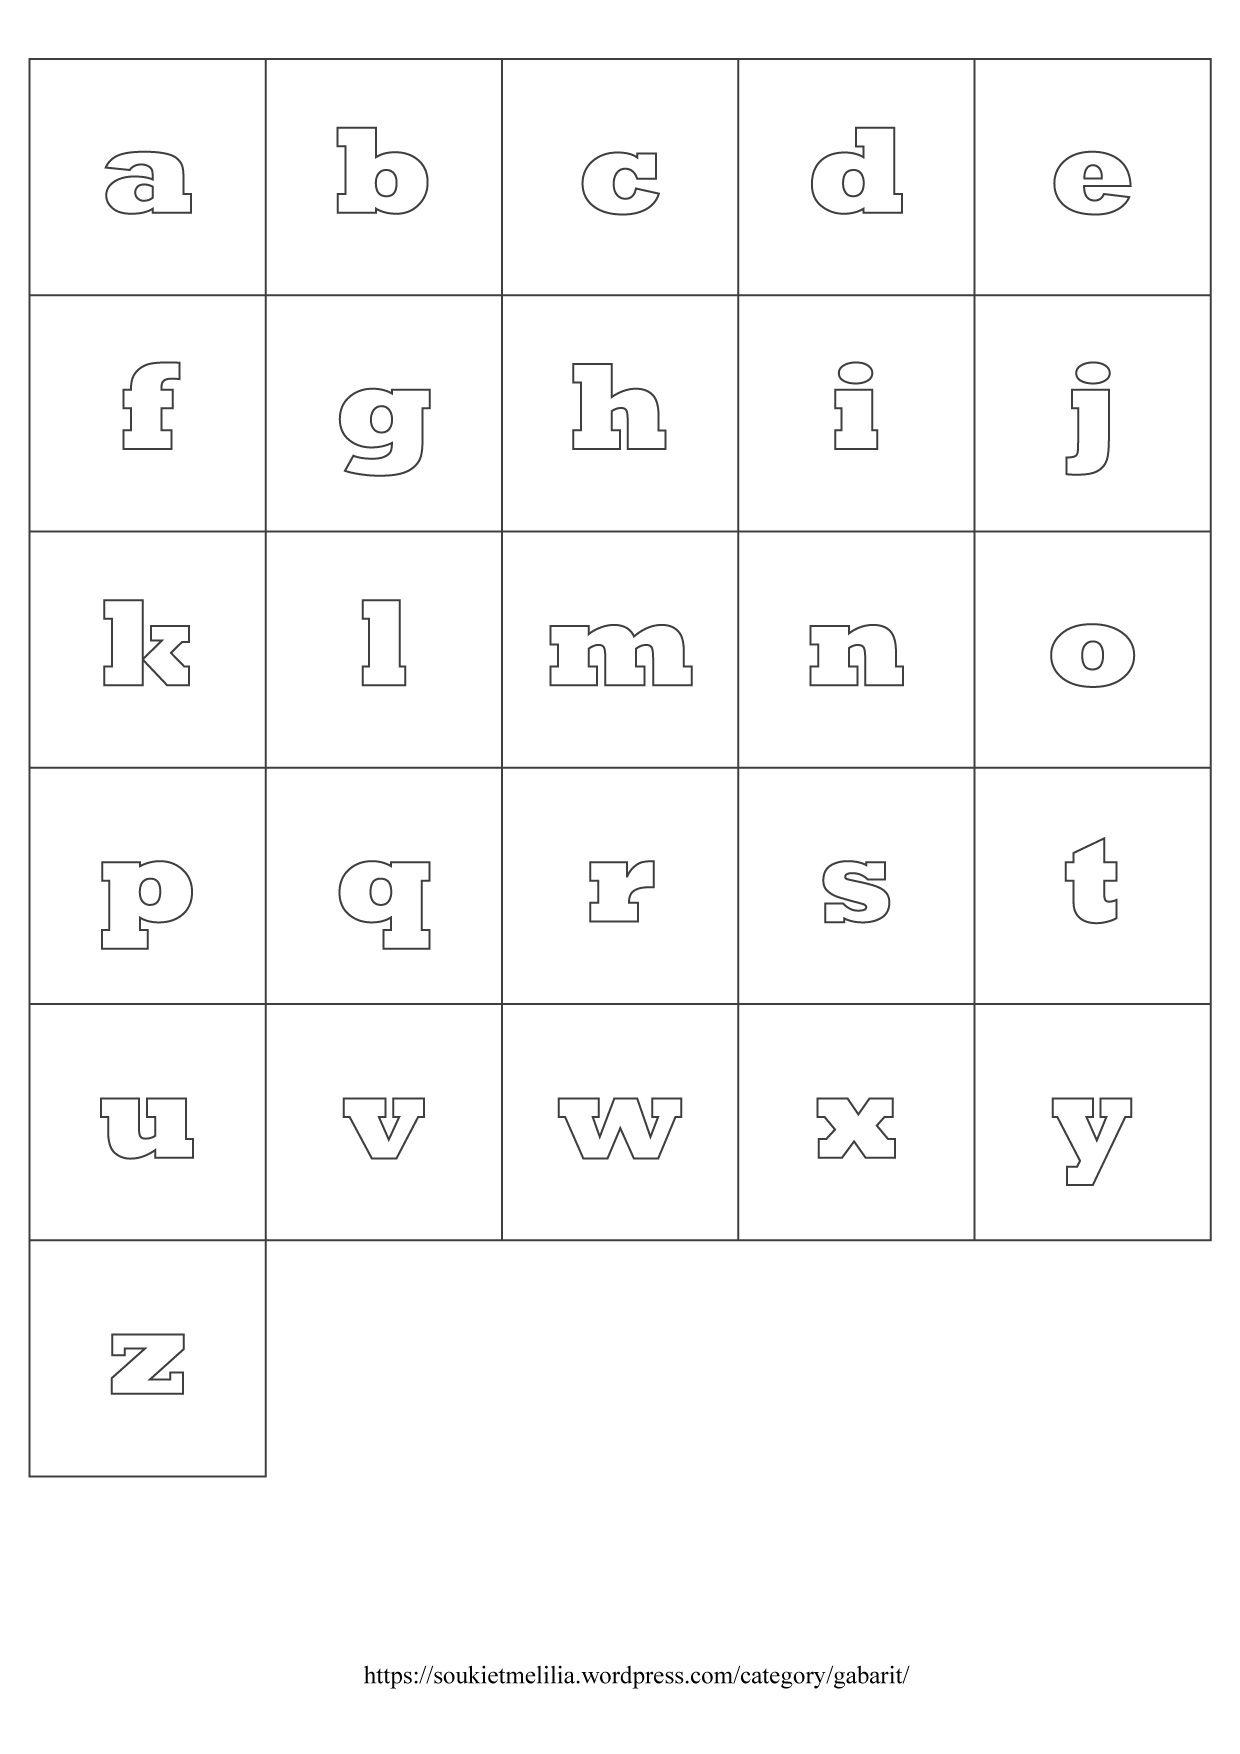 Gabarits Alphabet À Télécharger Au Format Pdf | Lettre concernant Sudoku Lettres À Imprimer